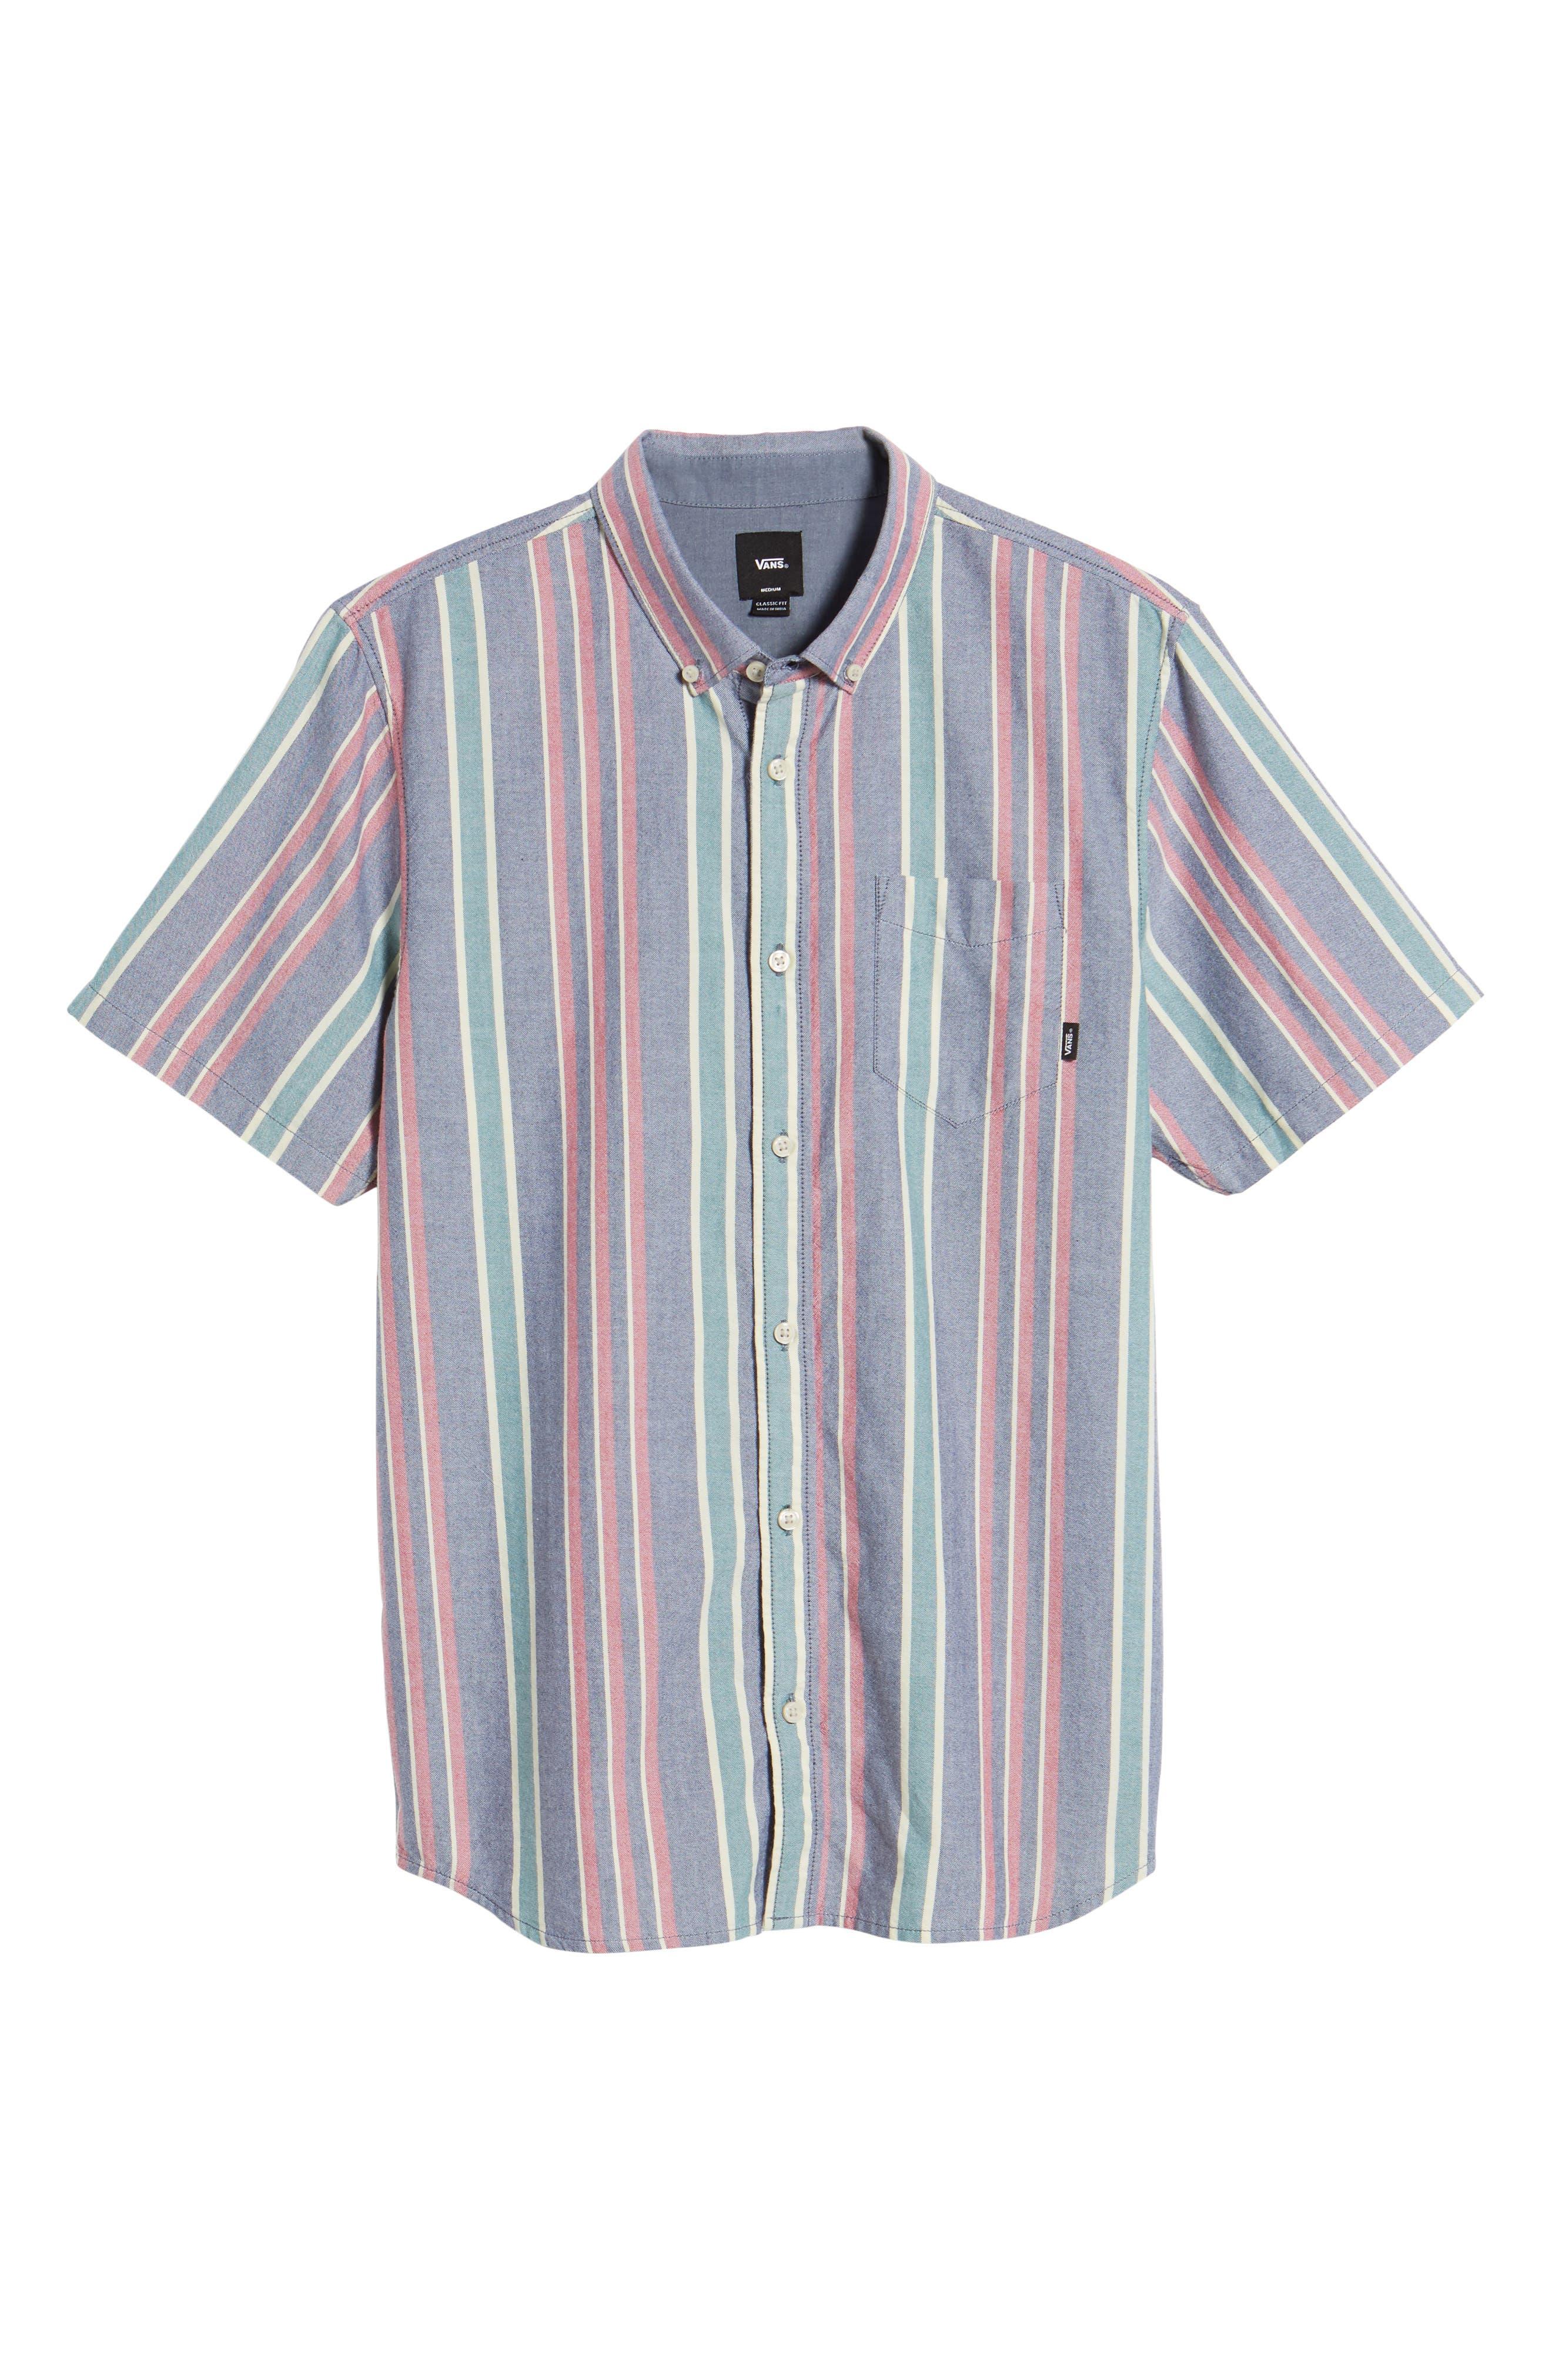 Houser Short Sleeve Shirt,                             Alternate thumbnail 6, color,                             Dress Blues/ Evergreen